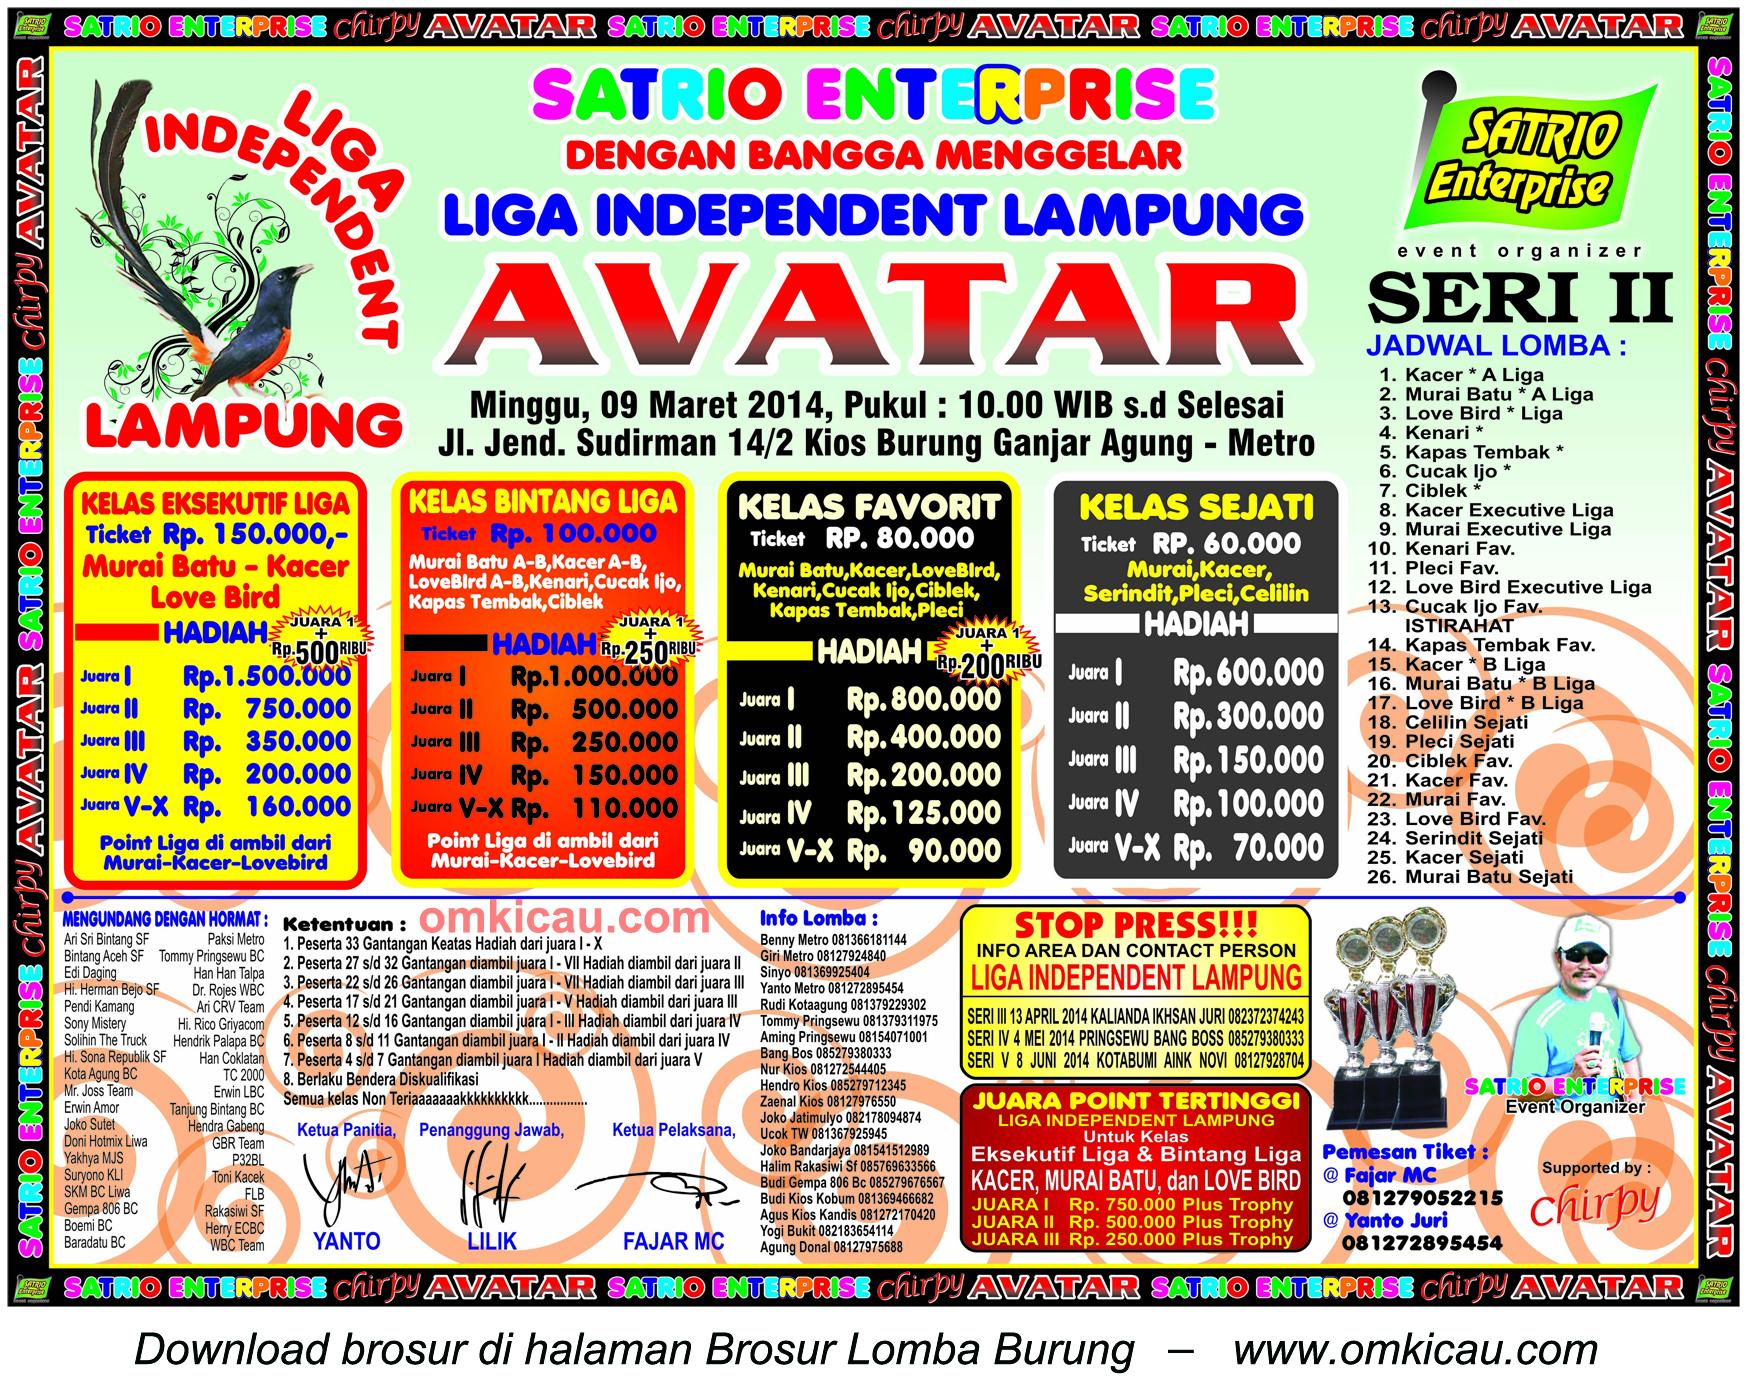 Brosur Lomba Burung Avatar - Liga Independent Lampung Seri II, Metro, 9 Maret 2014